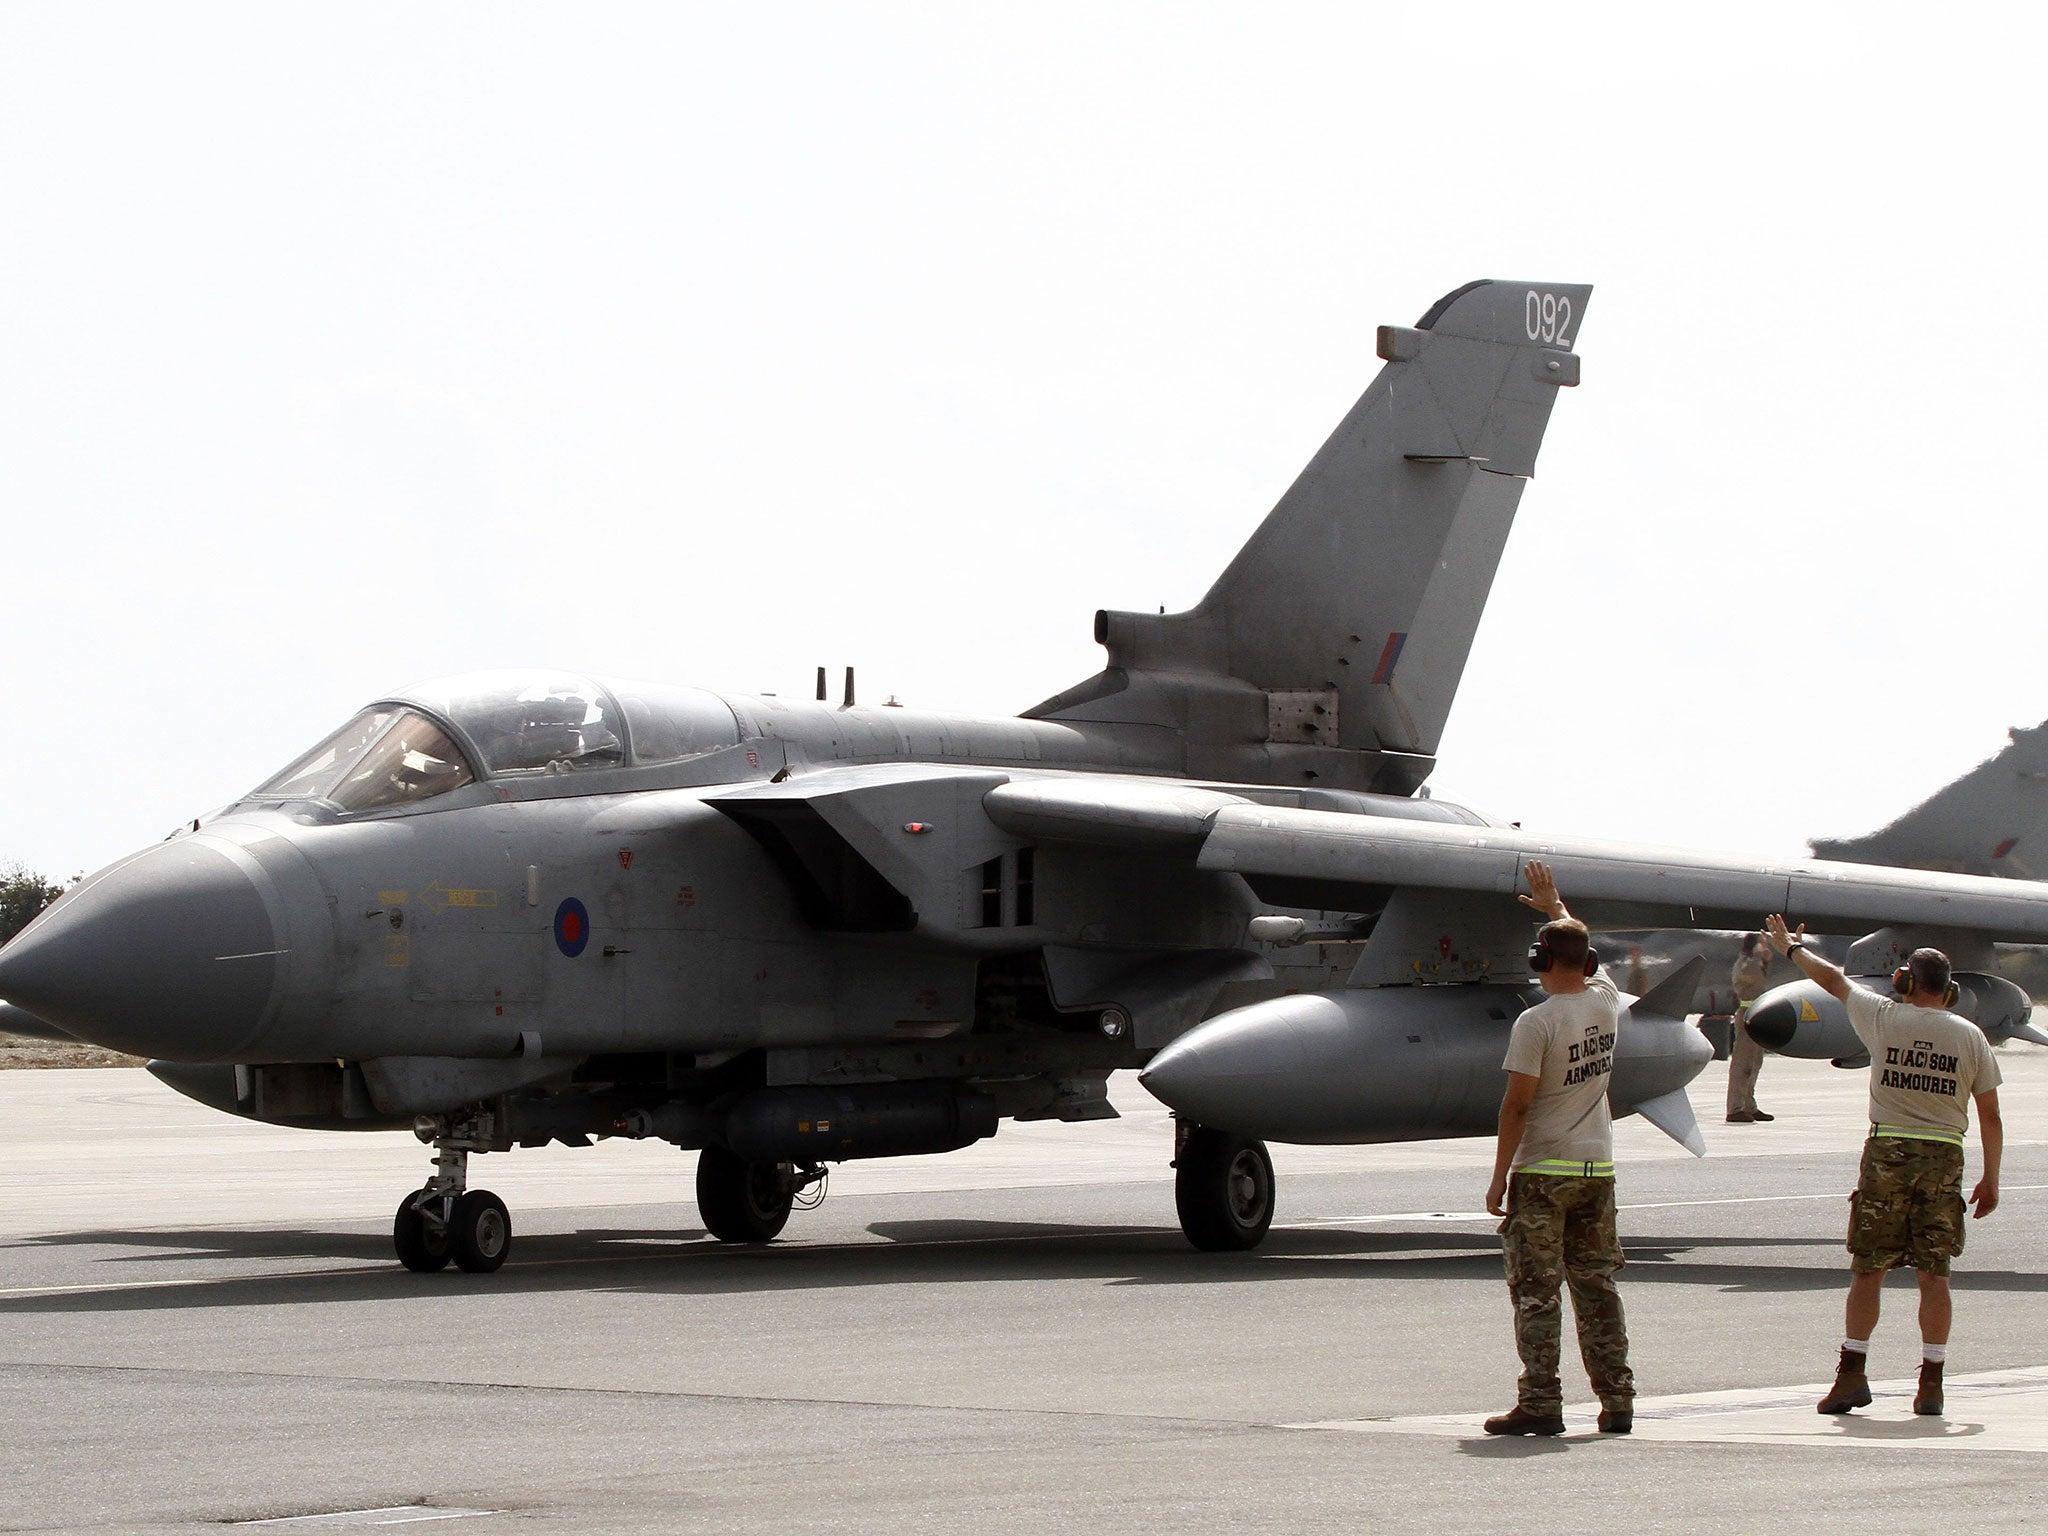 Iraq crisis: RAF Tornado jets return from first mission